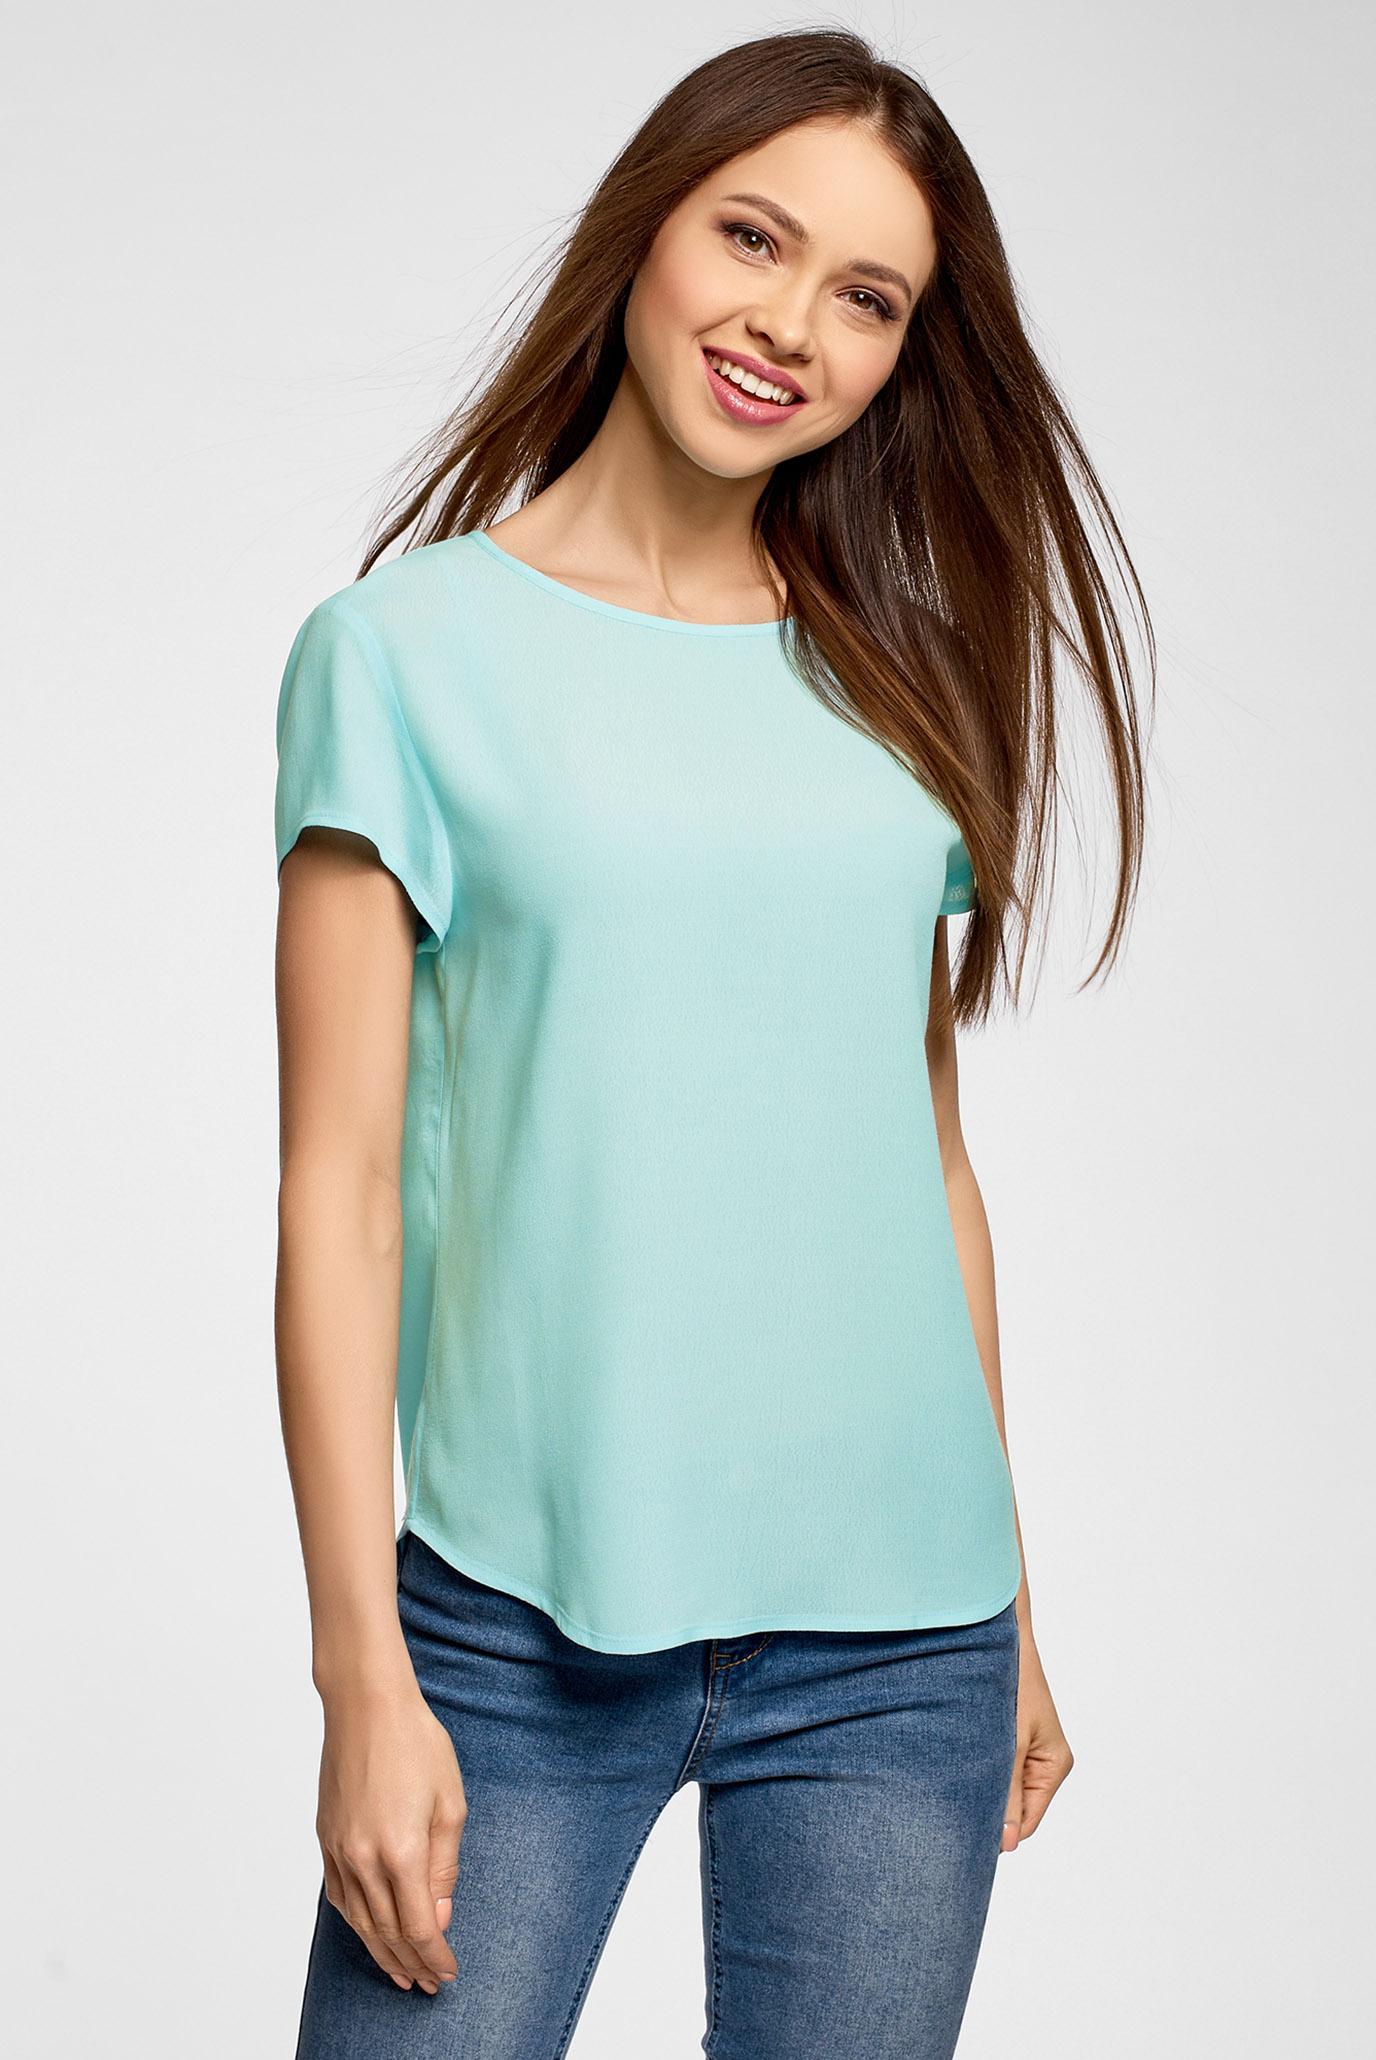 Купить Женская голубая блуза Oodji Oodji 11411138B/46249/7001N – Киев, Украина. Цены в интернет магазине MD Fashion